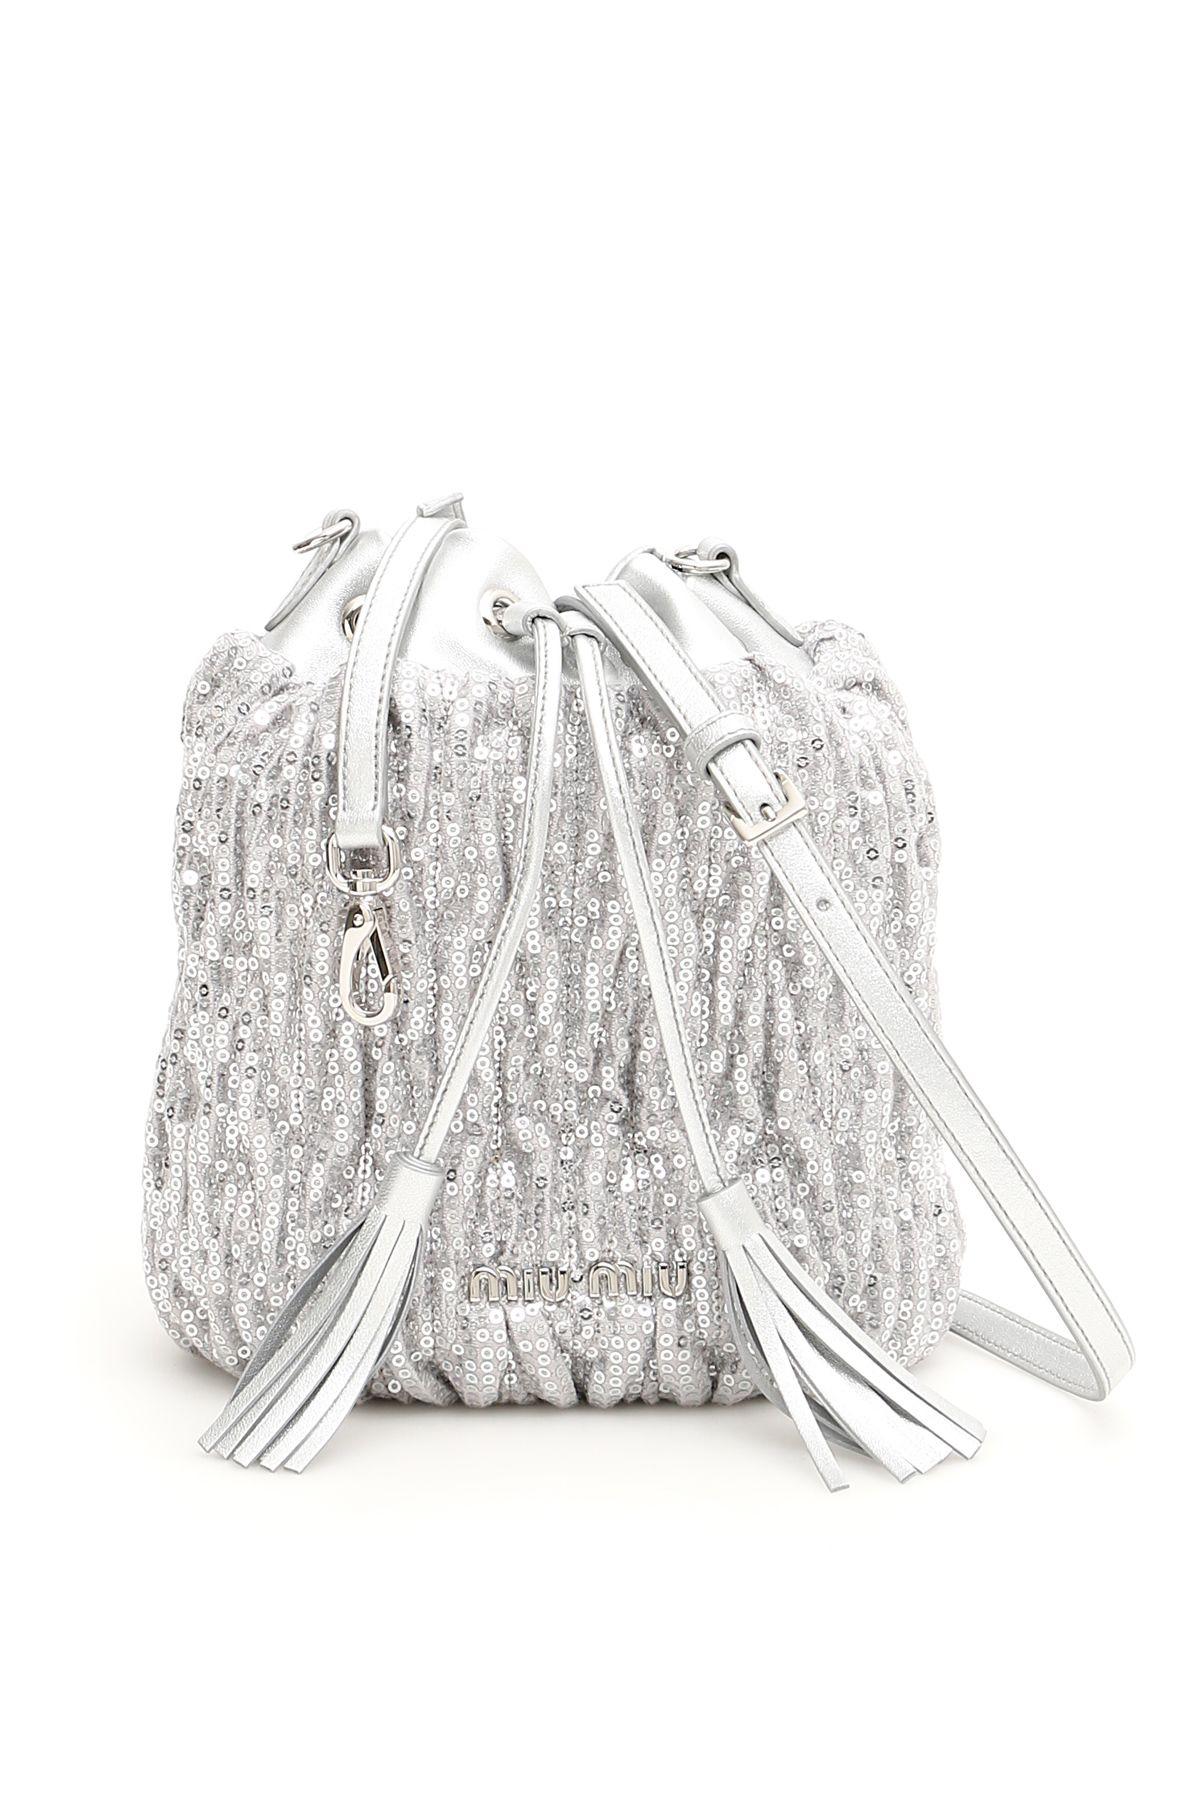 Miu Miu Sequins MatelassÉ Bucket Bag In Argento   ModeSens add11d0473